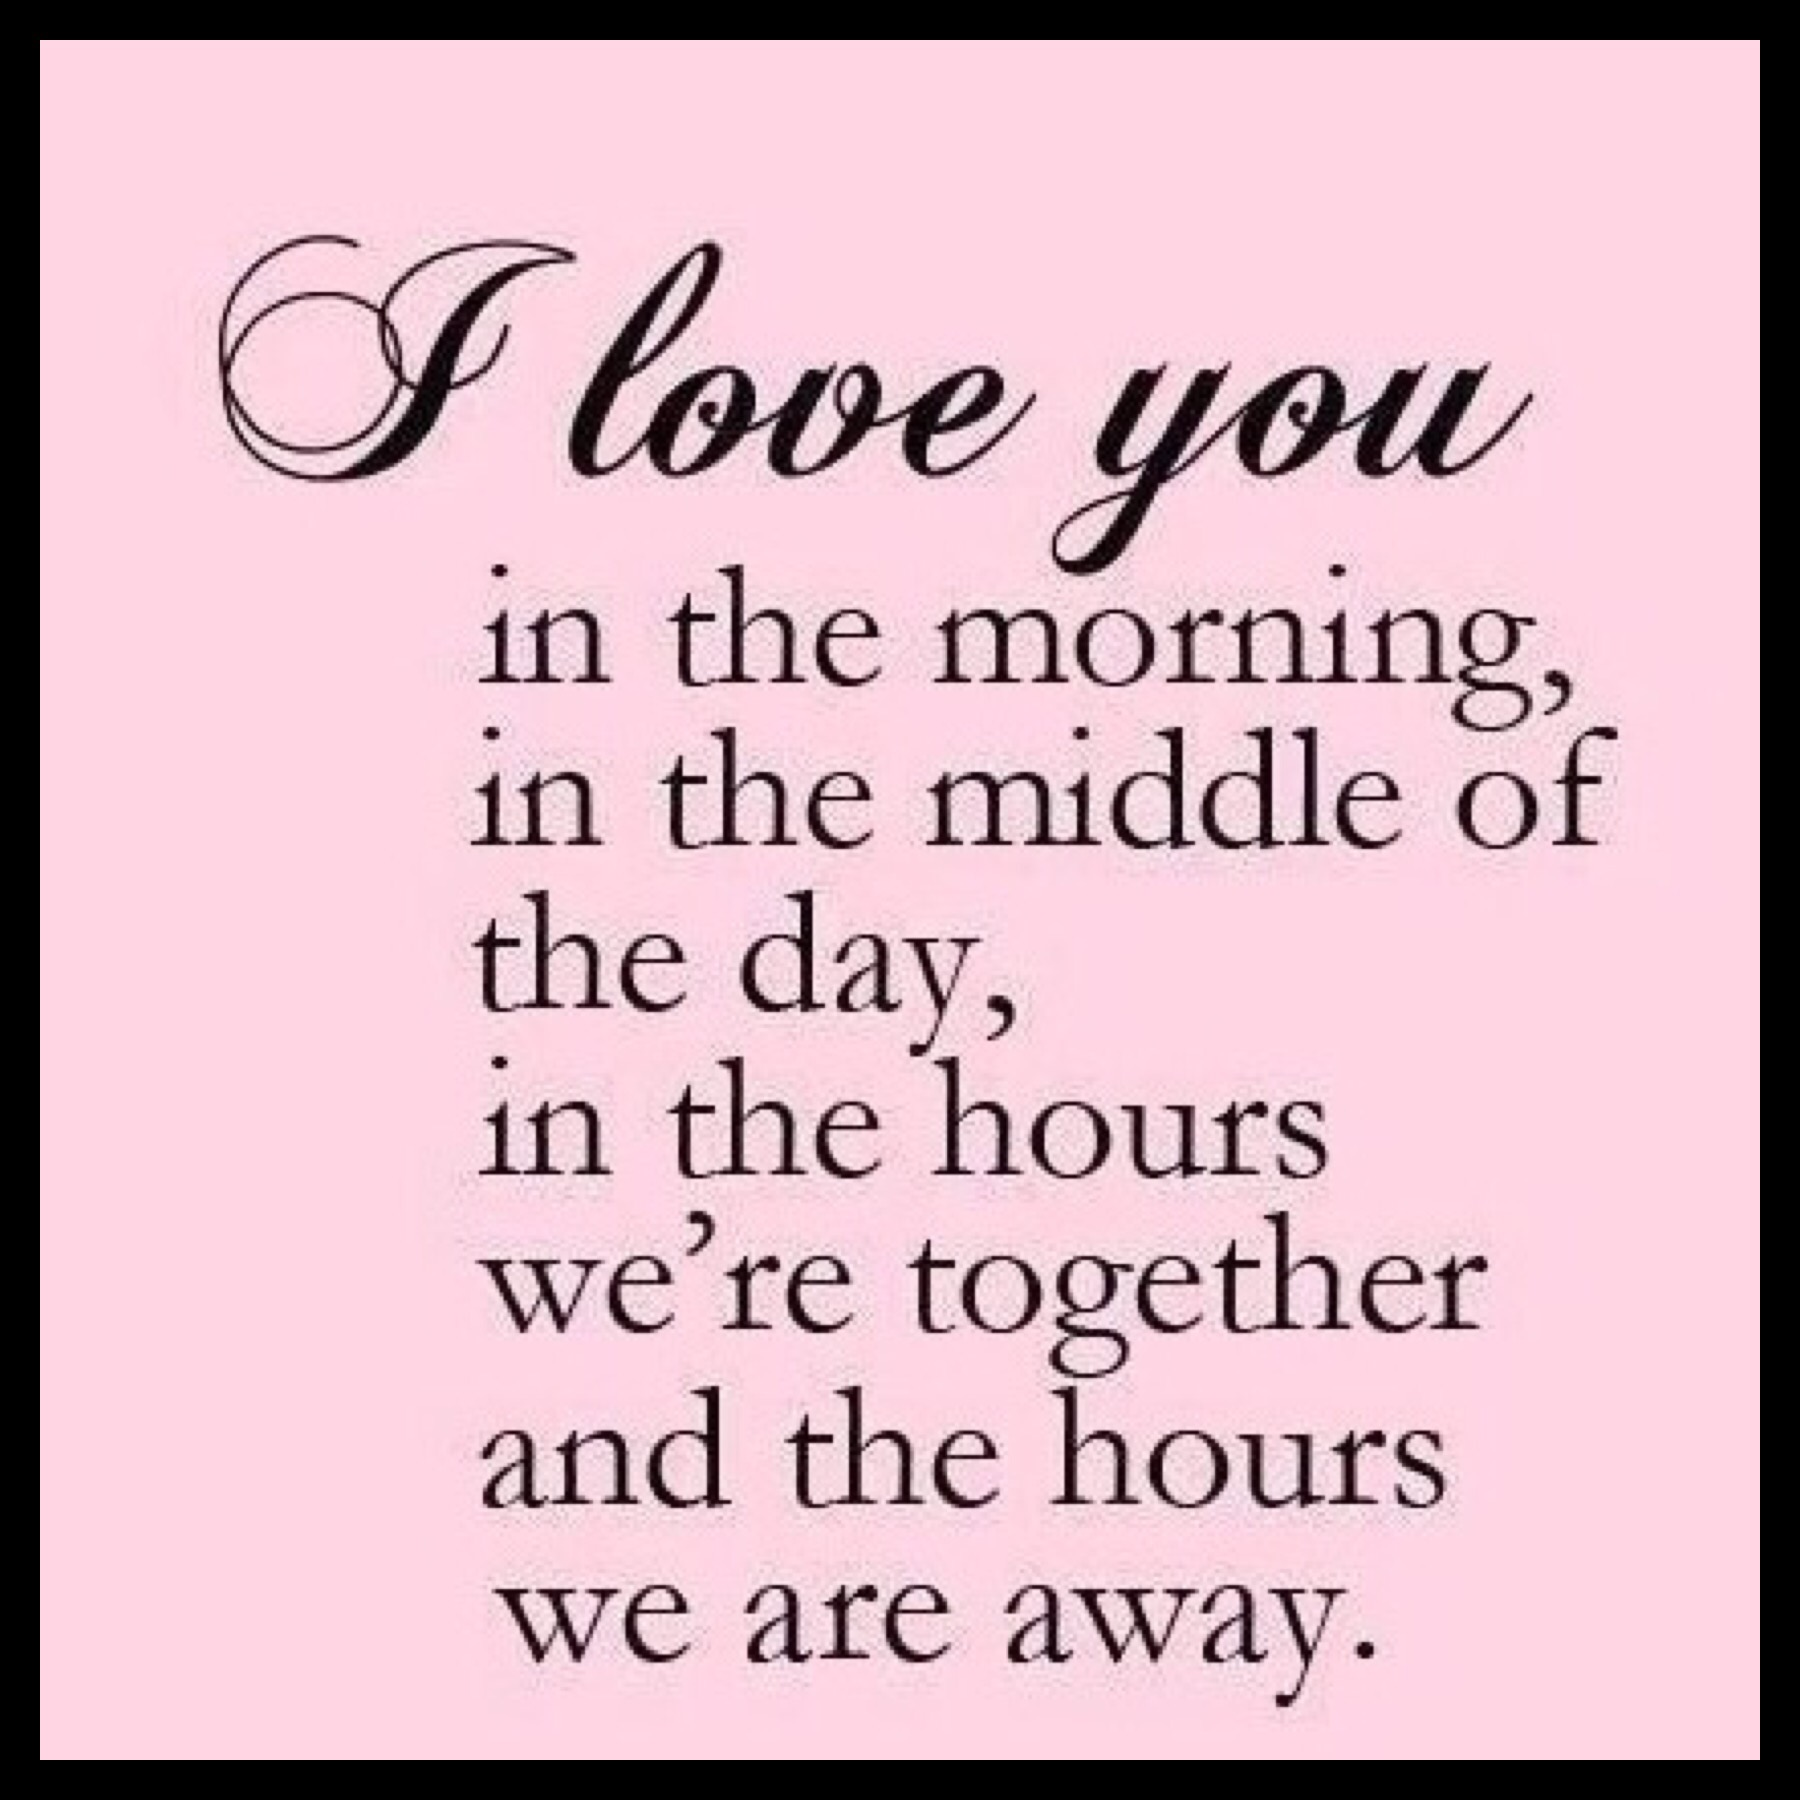 jeg savner min kæreste